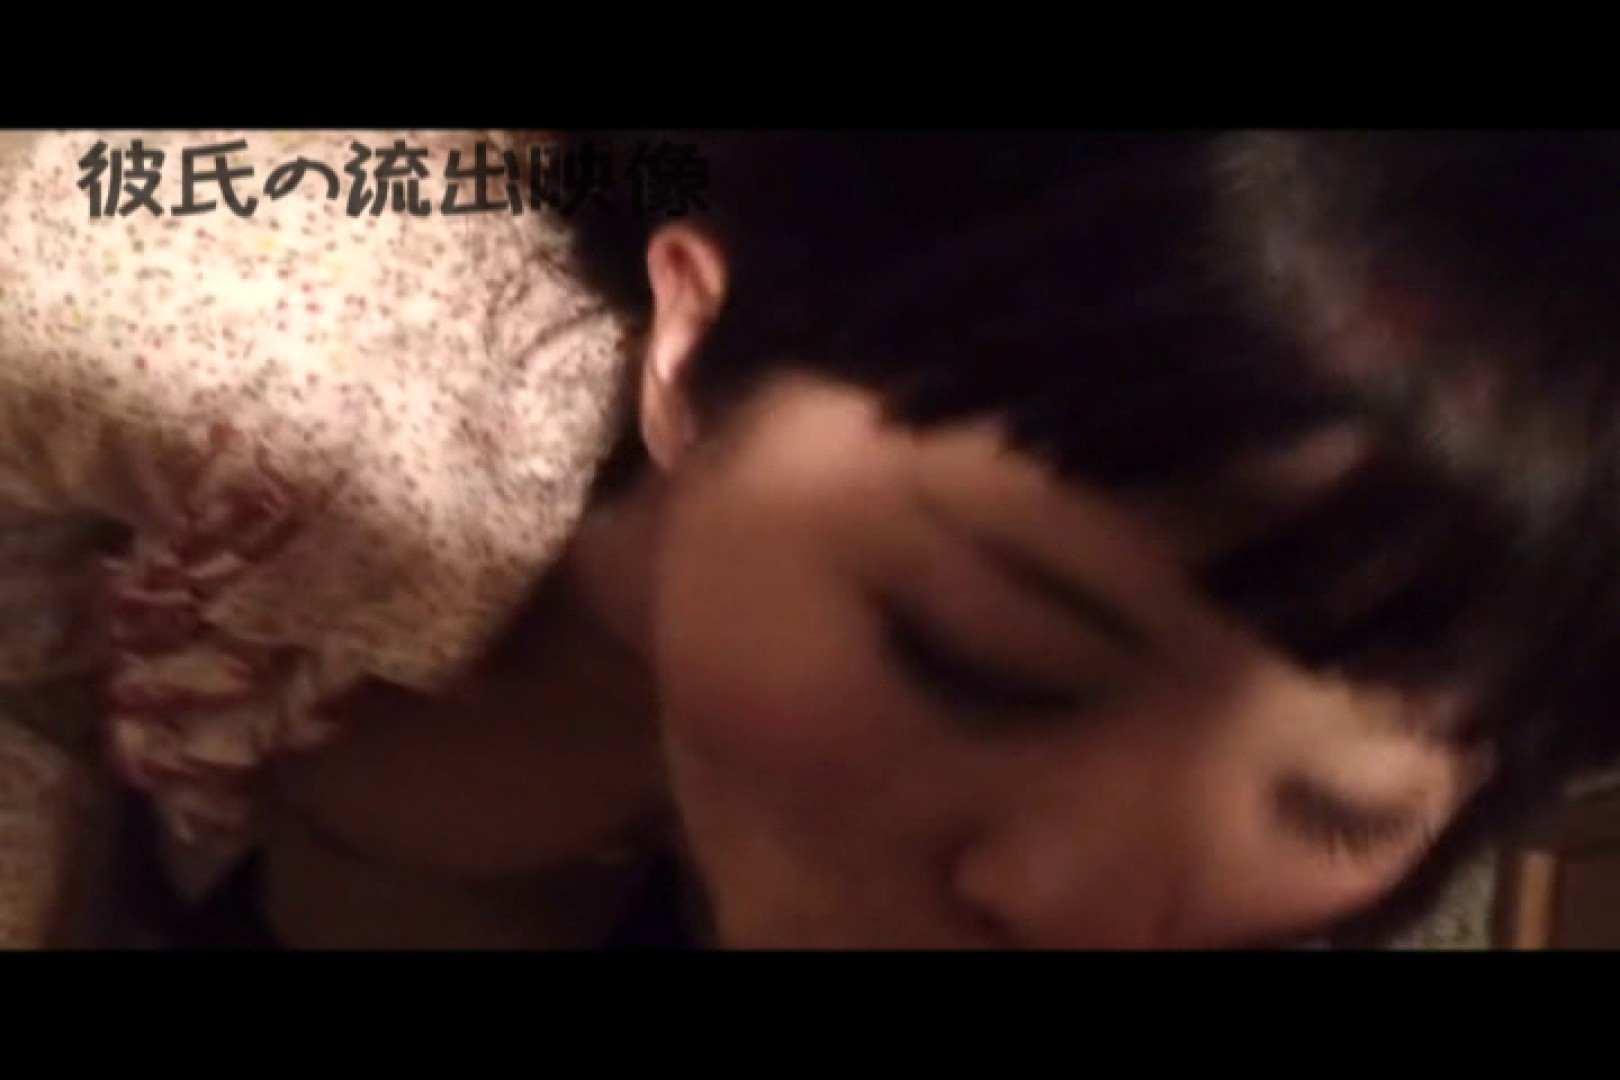 彼氏が流出 パイパン素人嬢のハメ撮り映像03 素人丸裸  85pic 48